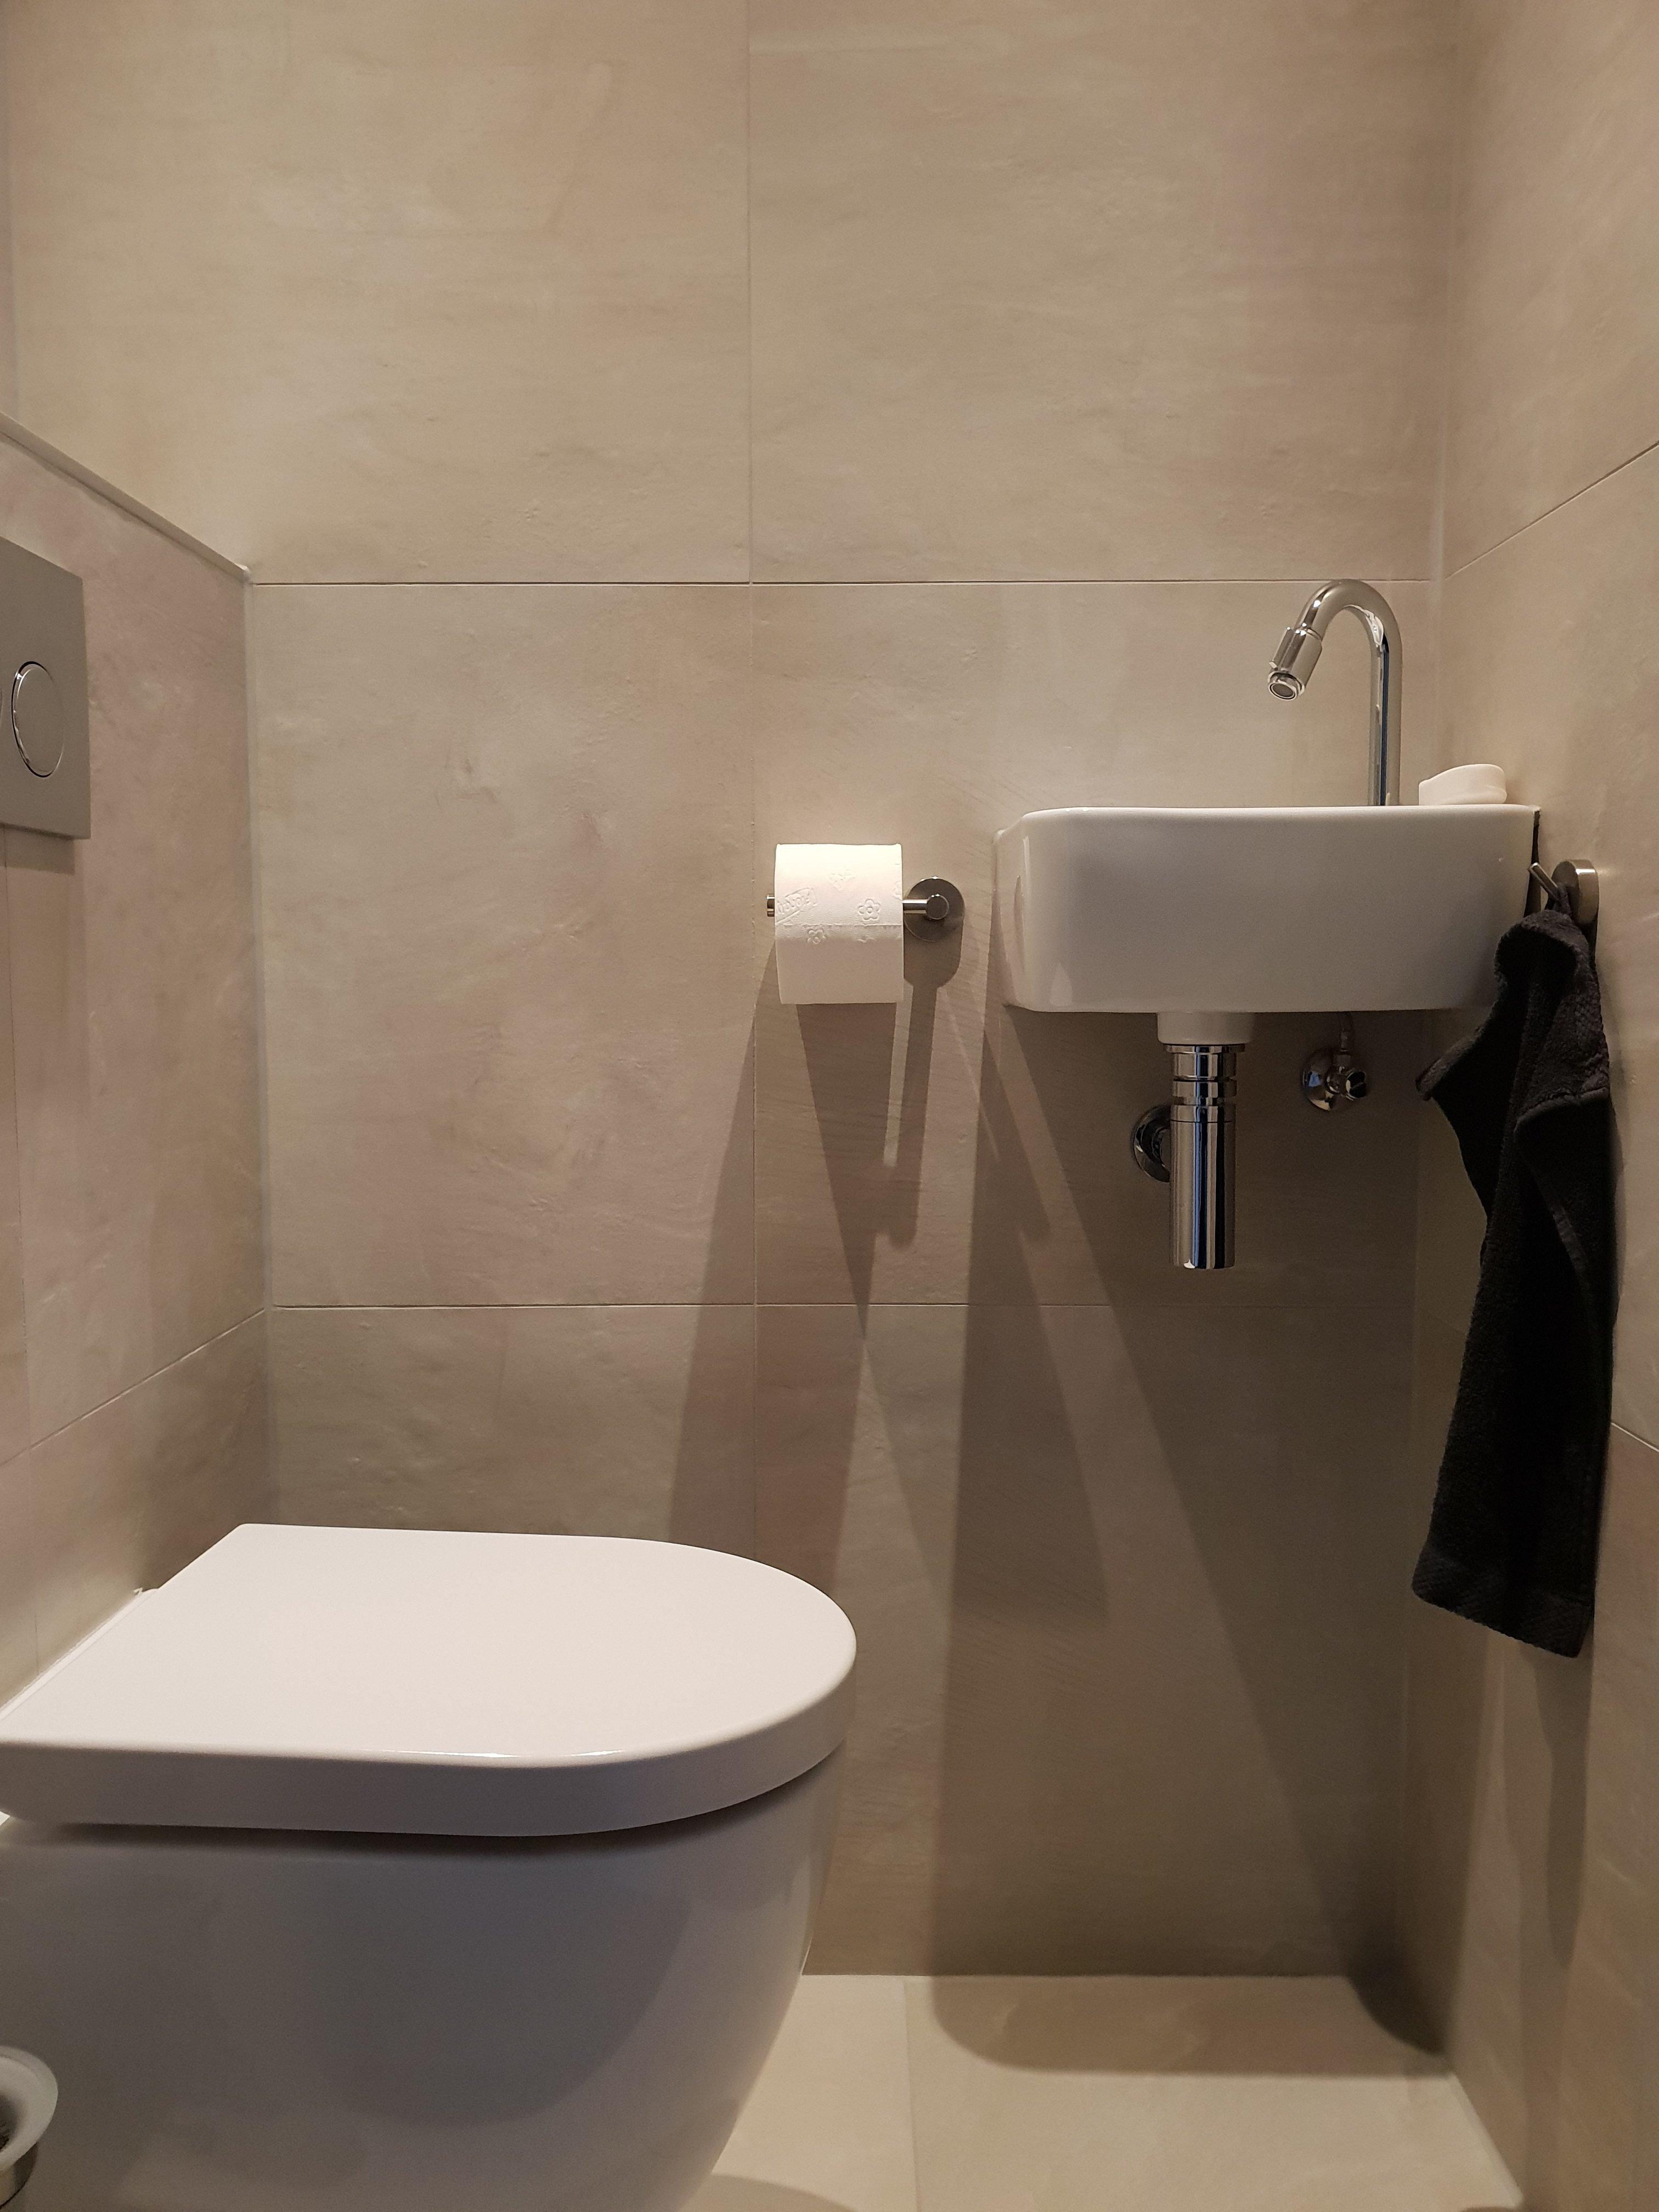 Zeer Toilet ruimte Archieven - Janijko Surhuisterveen #YN43